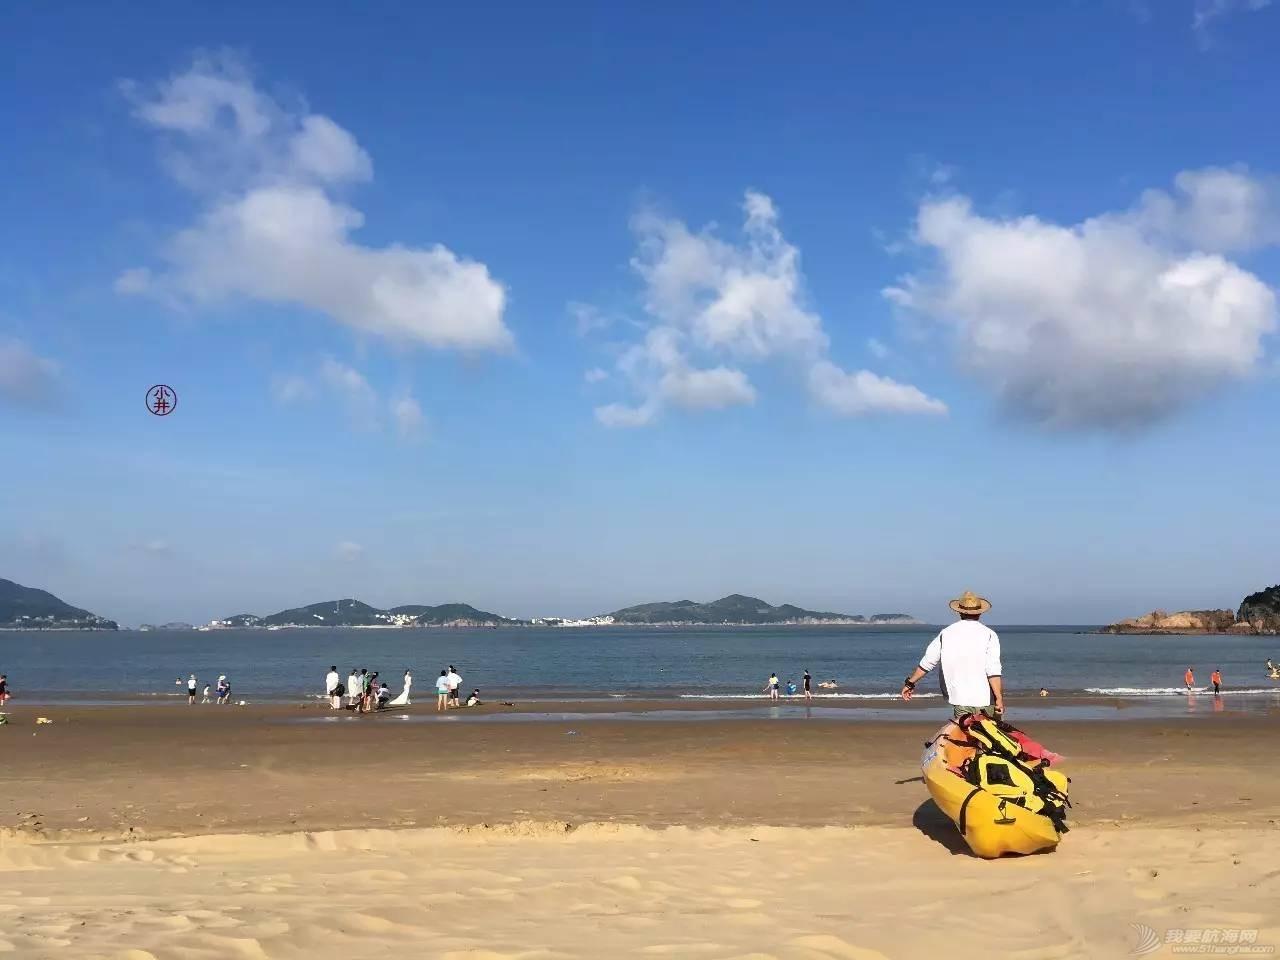 新鲜感,朱家尖,救生衣,天气,沙滩 出发舟山朱家尖老佃房沙滩,这种视觉冲击可不是每天都有喔..... f365694d70225276218bc706be53a0fb.jpg